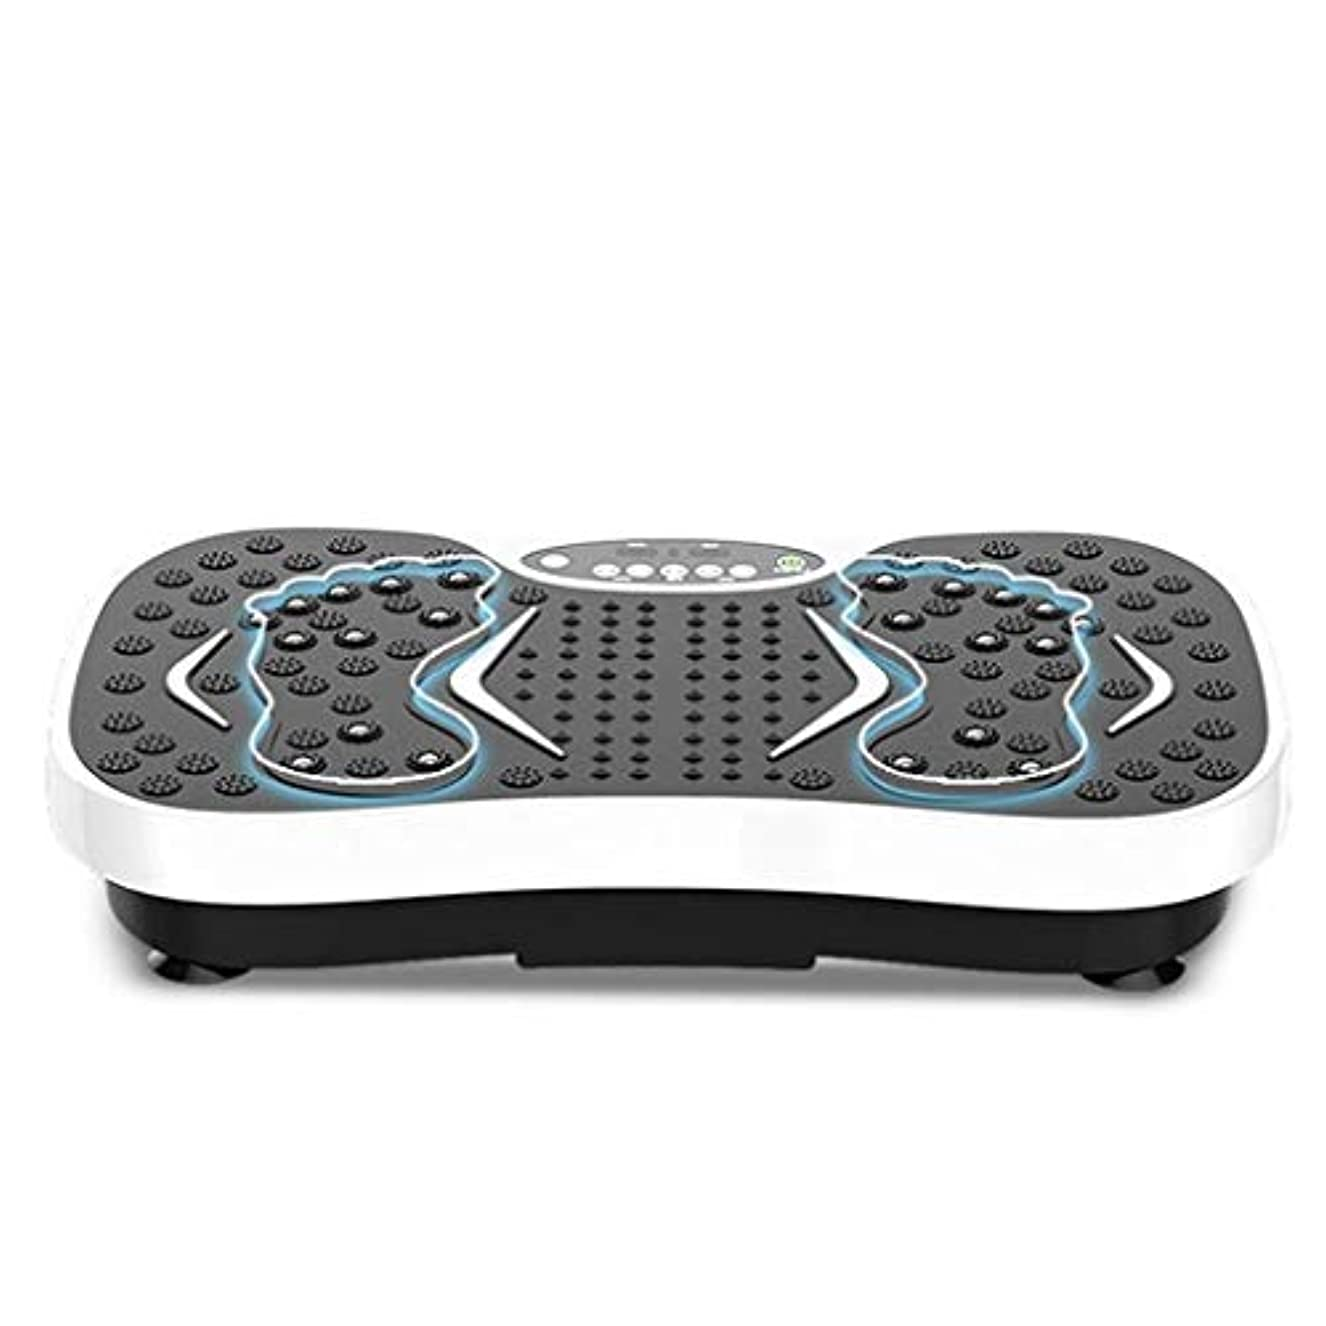 優勢使役チャーミング減量機、運動衝撃吸収フィットネスモデル減量機ユニセックス振動板、家庭/ジムに最適(最大負荷150KG) (Color : 白)